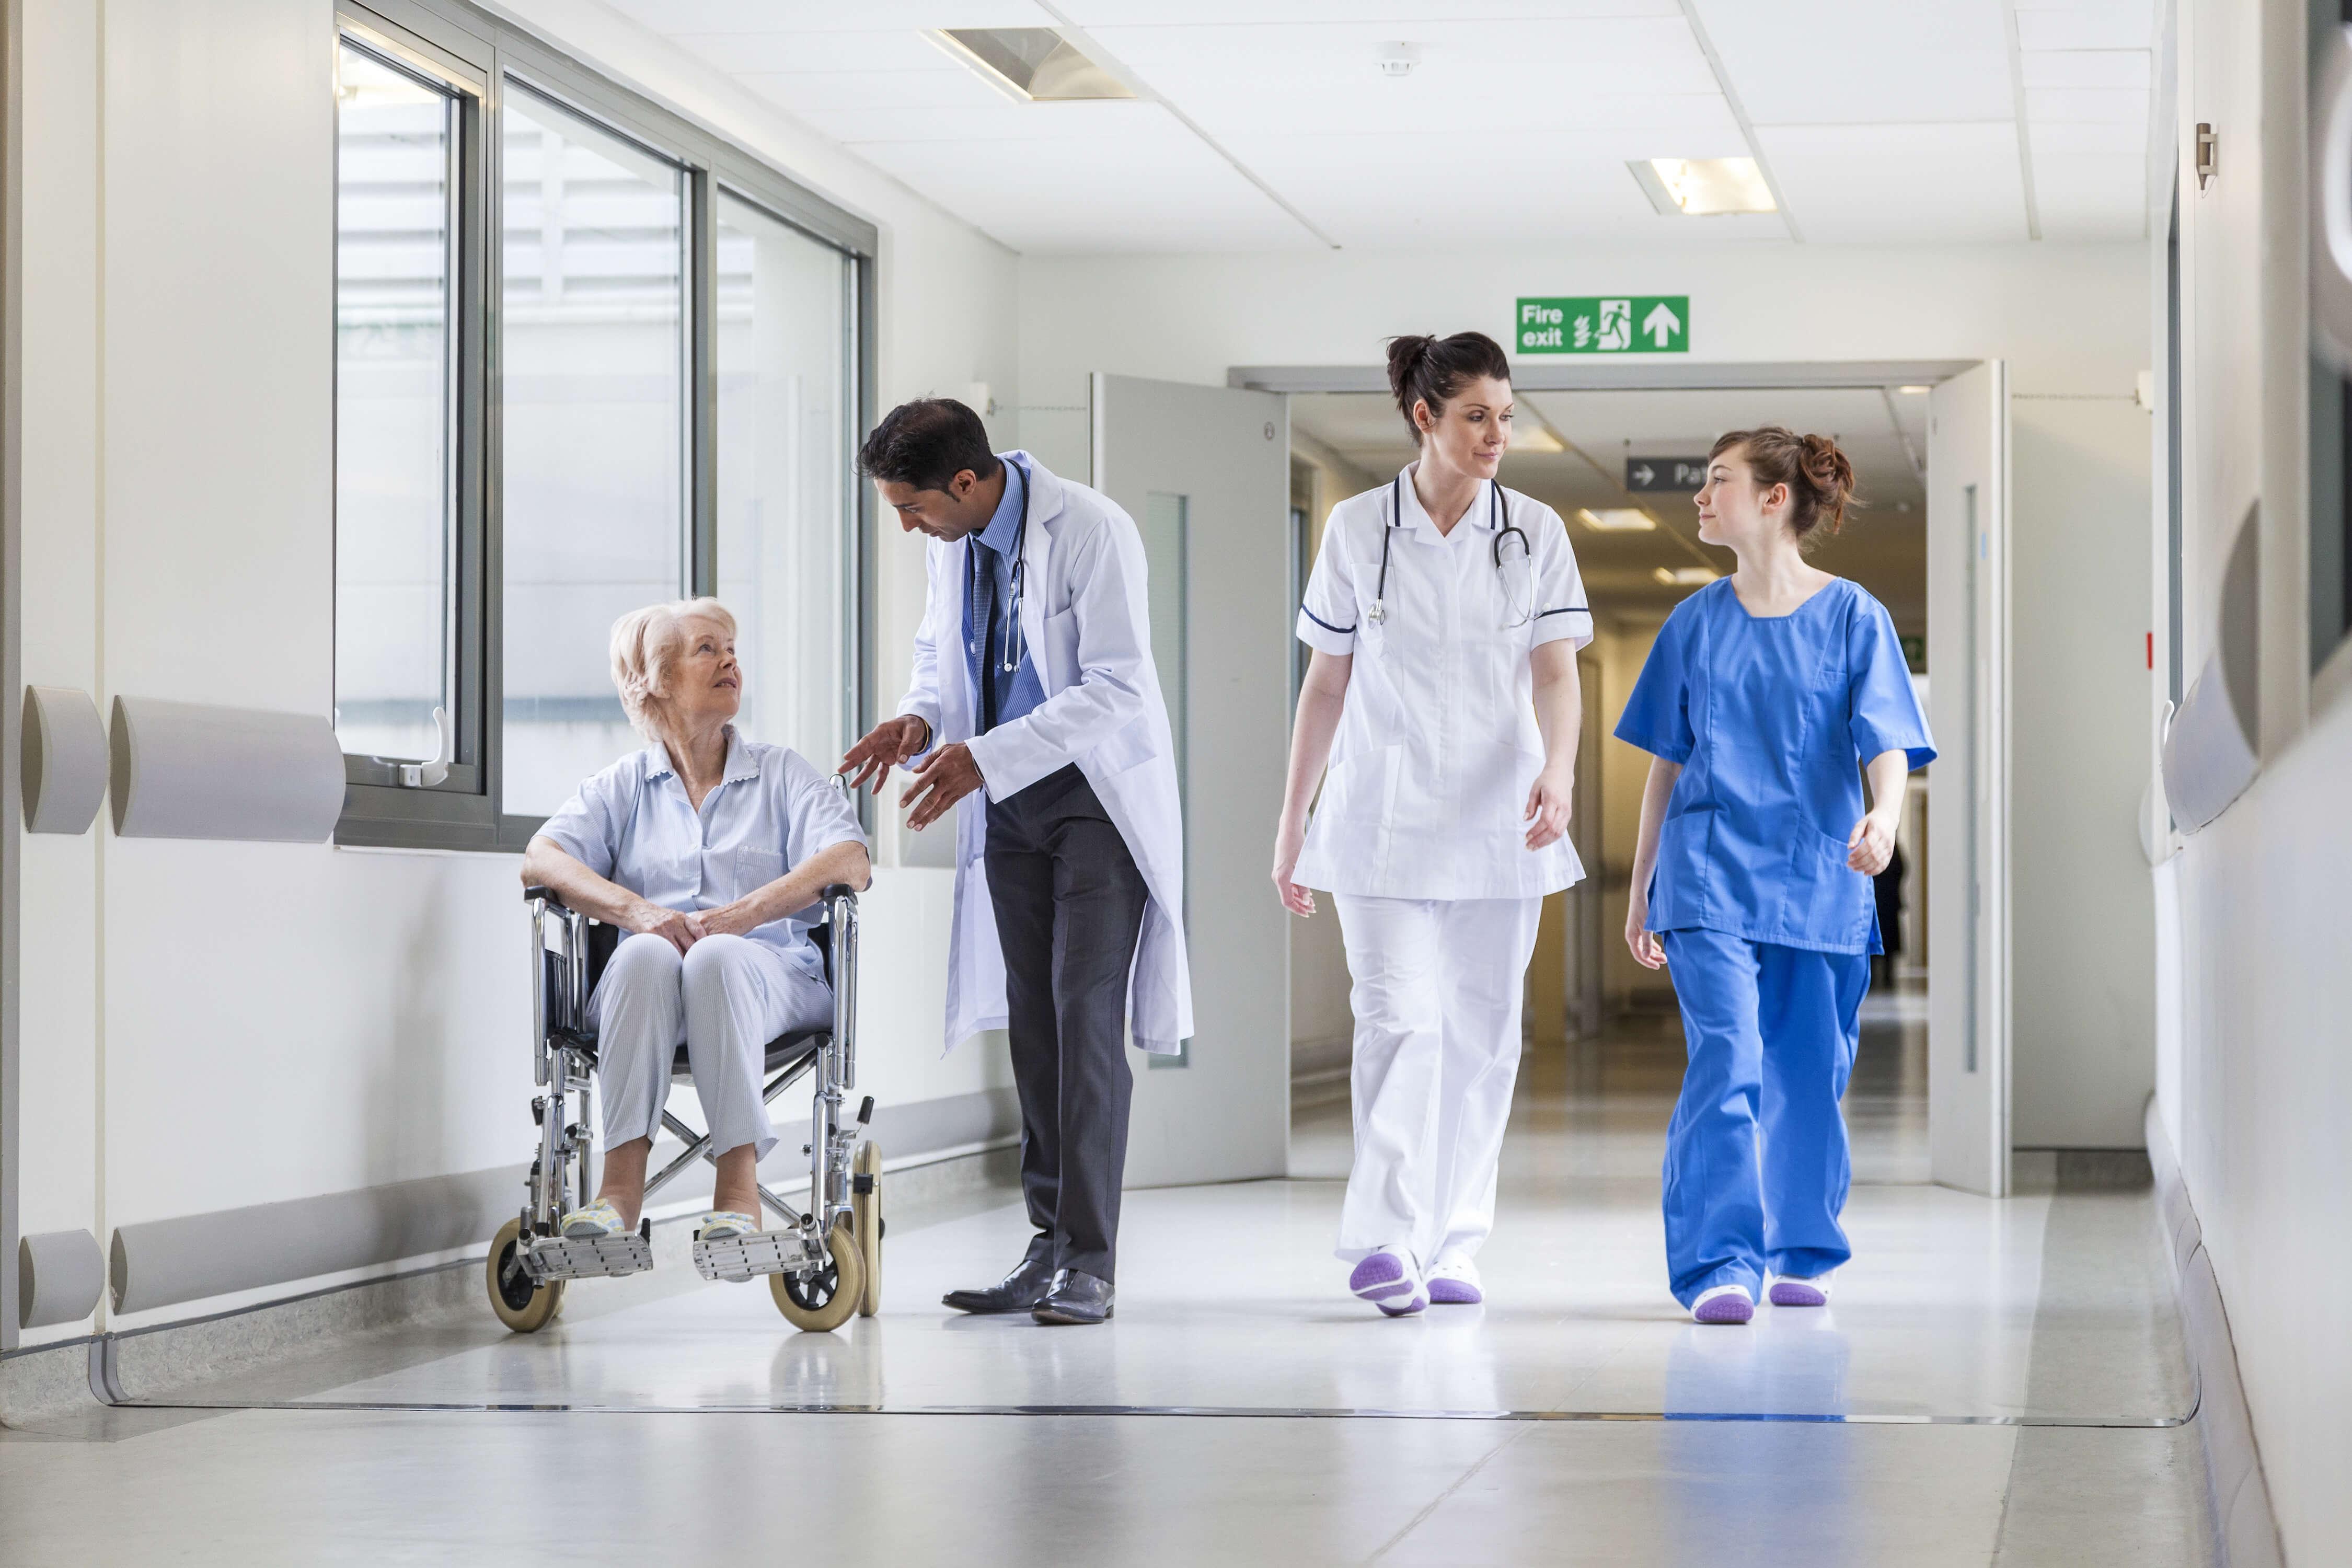 Engajamento do cliente para a área de saúde